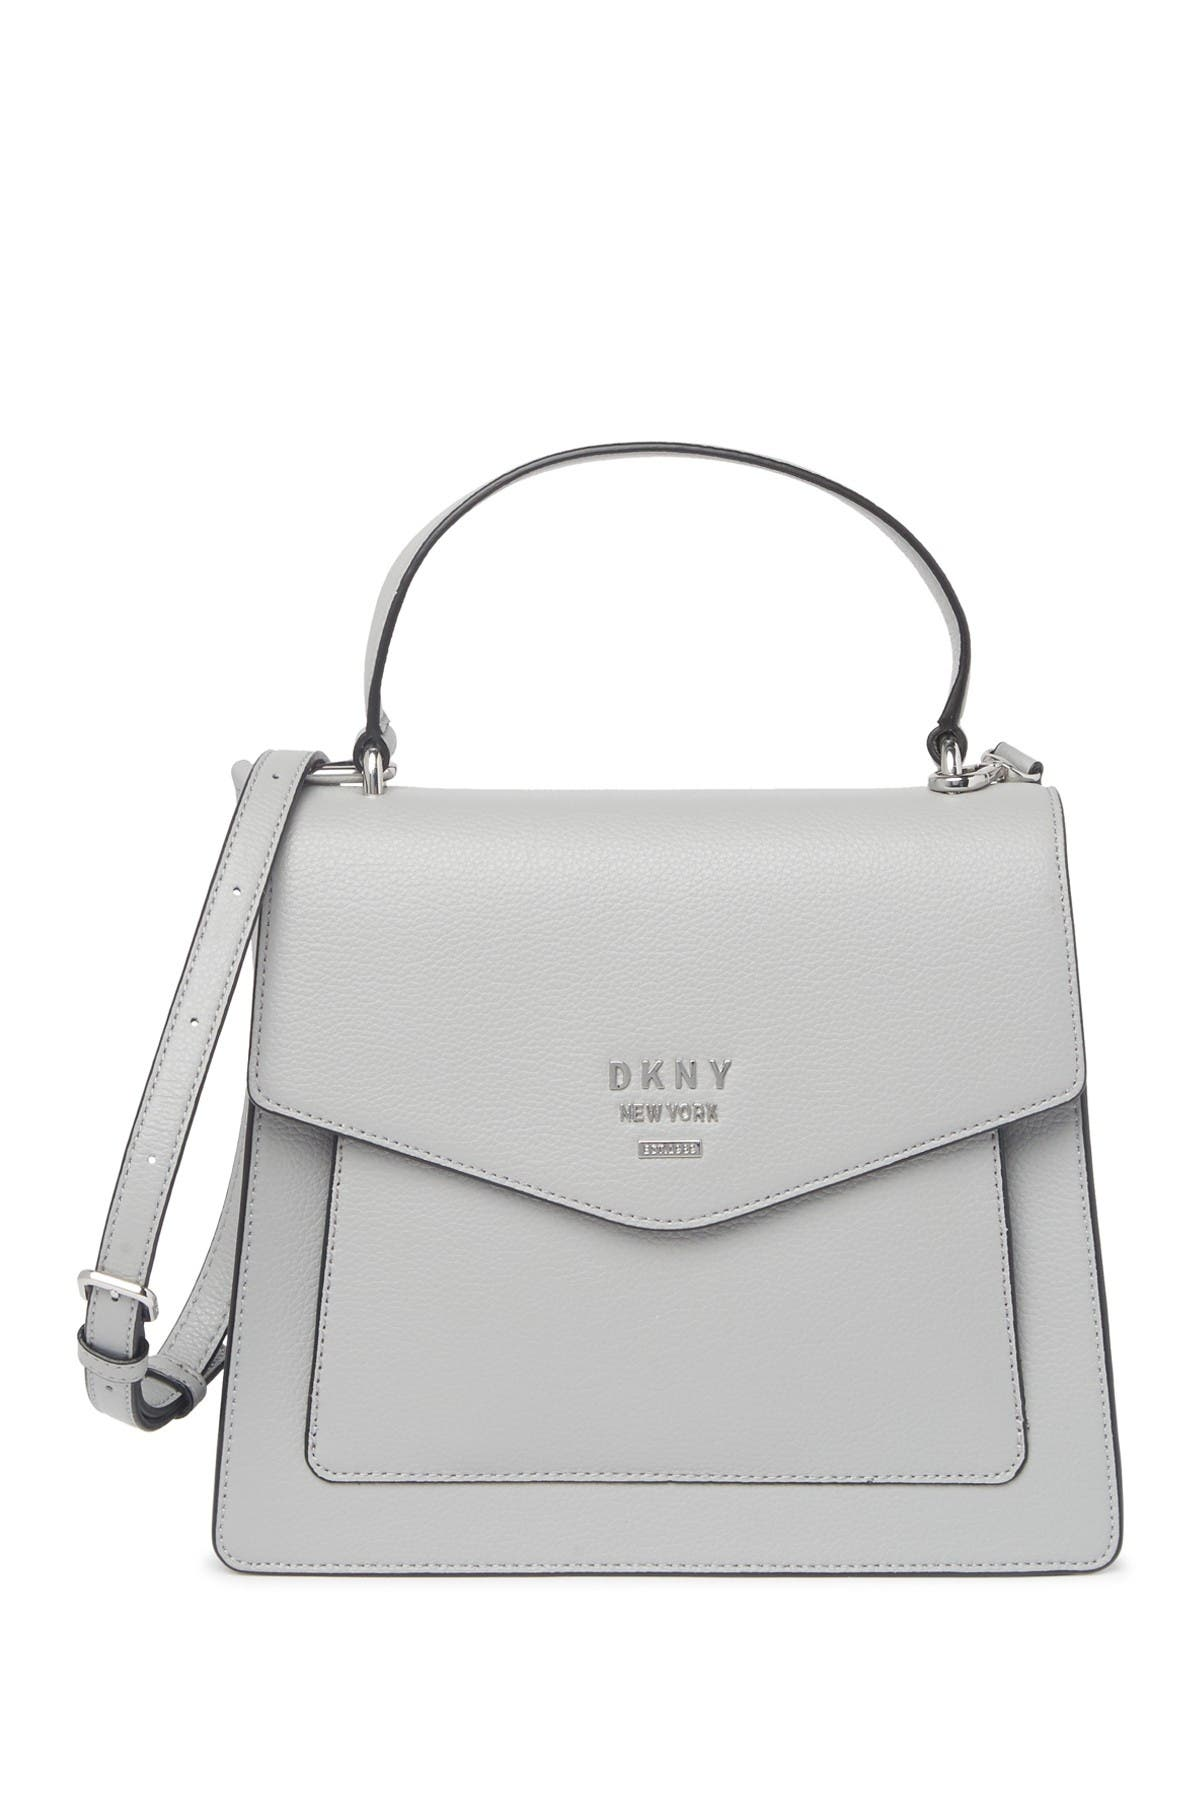 Image of DKNY Whitney Leather Satchel Bag